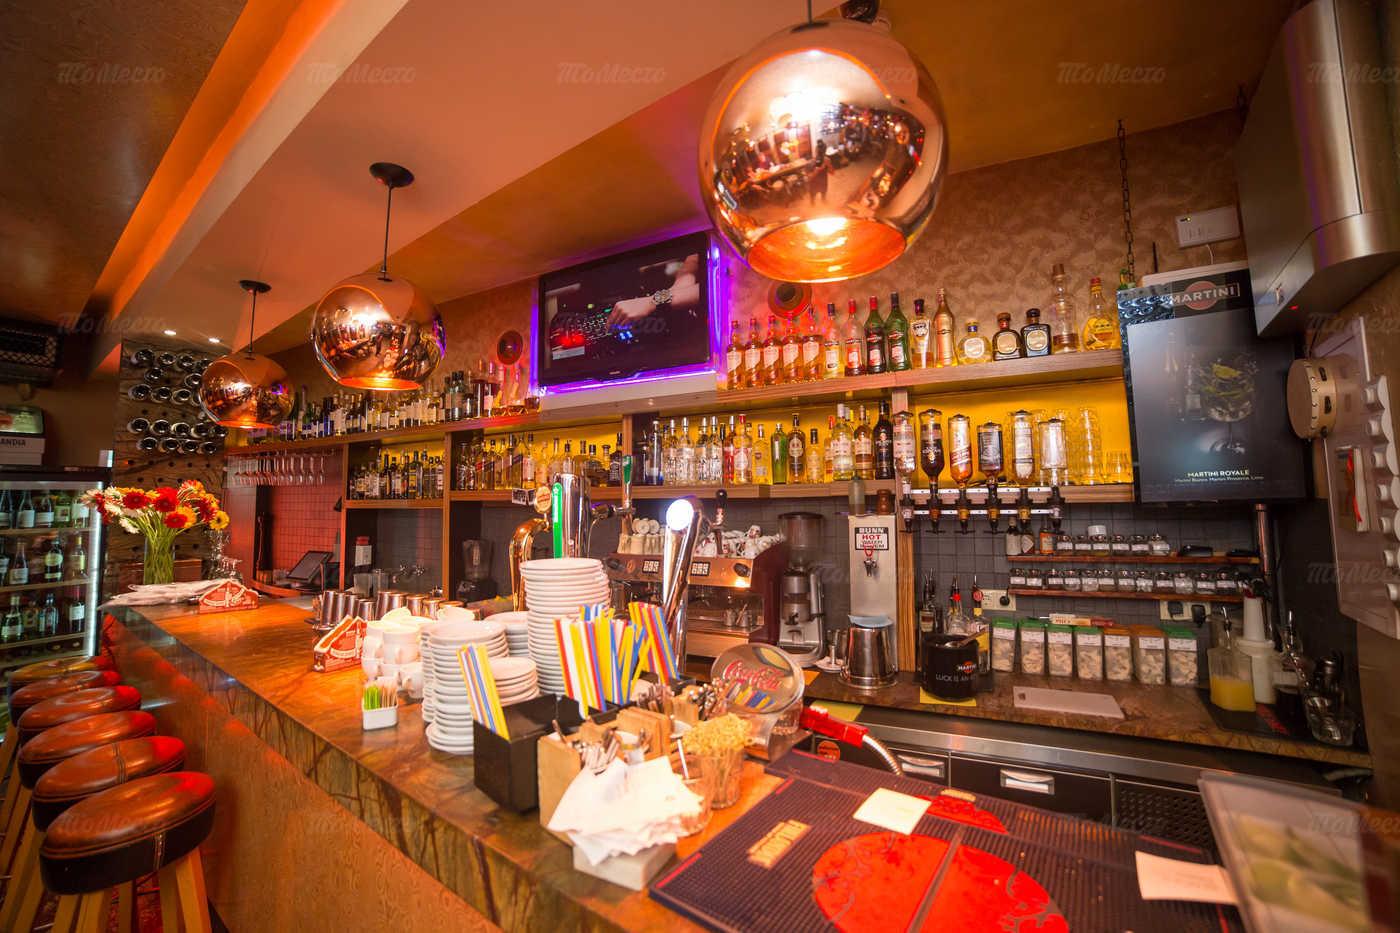 Меню бара, ресторана Огни (Ogni) на Малой Сухаревской площади